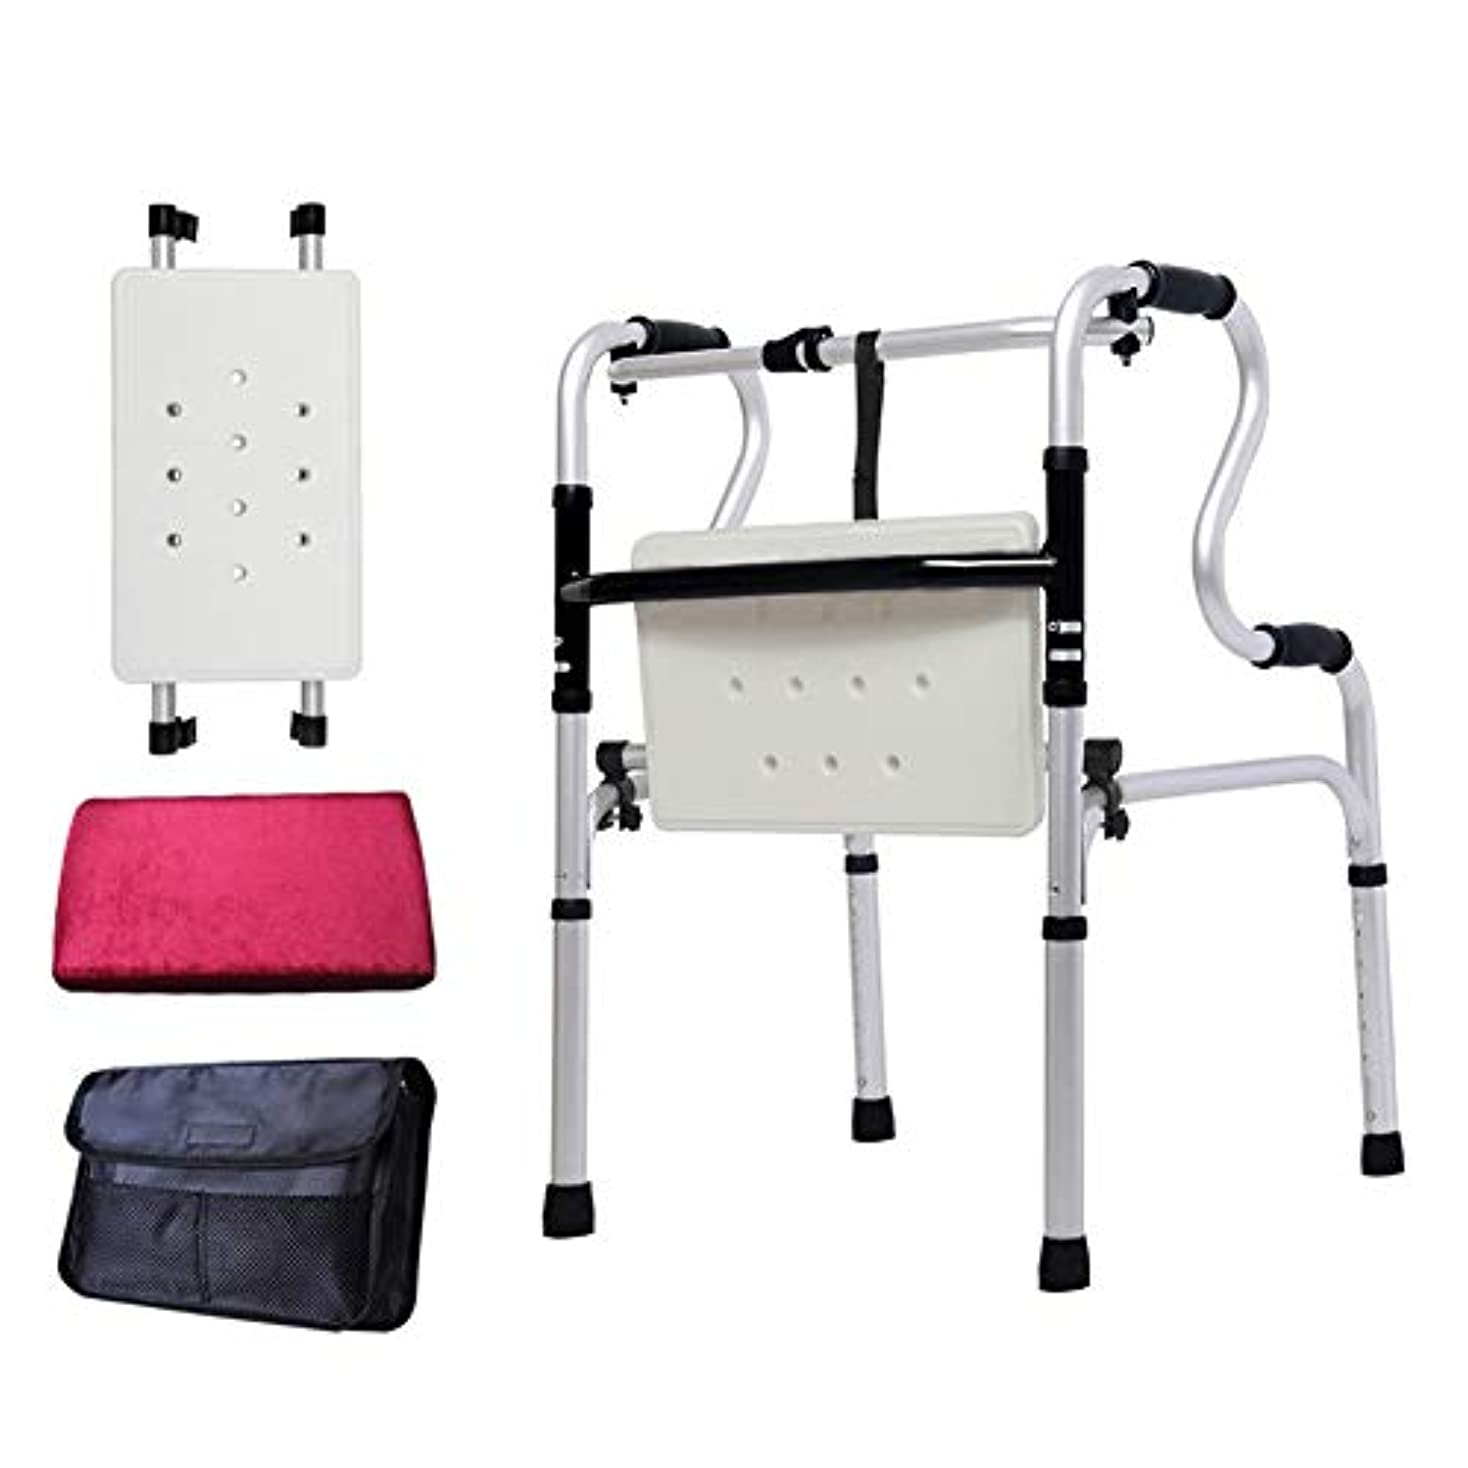 ピービッシュ一杯規模ステッキ 折りたたみ式ウォーカー、高齢者用、身体障害者用、誕生日プレゼント実用的な身長調節可能な歩行補助具付きフリップバスプレートと収納袋